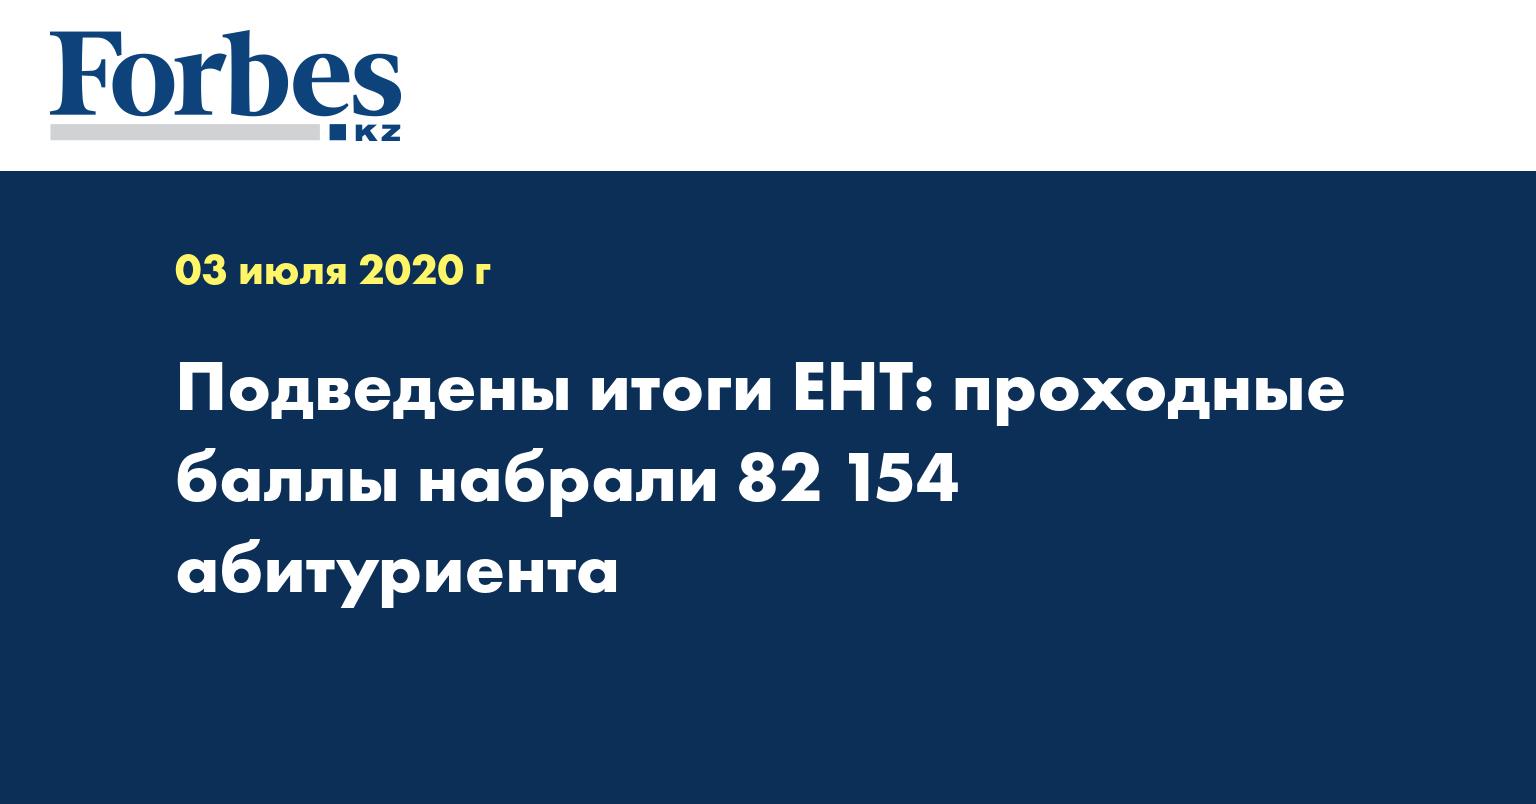 Подведены итоги ЕНТ: проходные баллы набрали 82 154 абитуриента